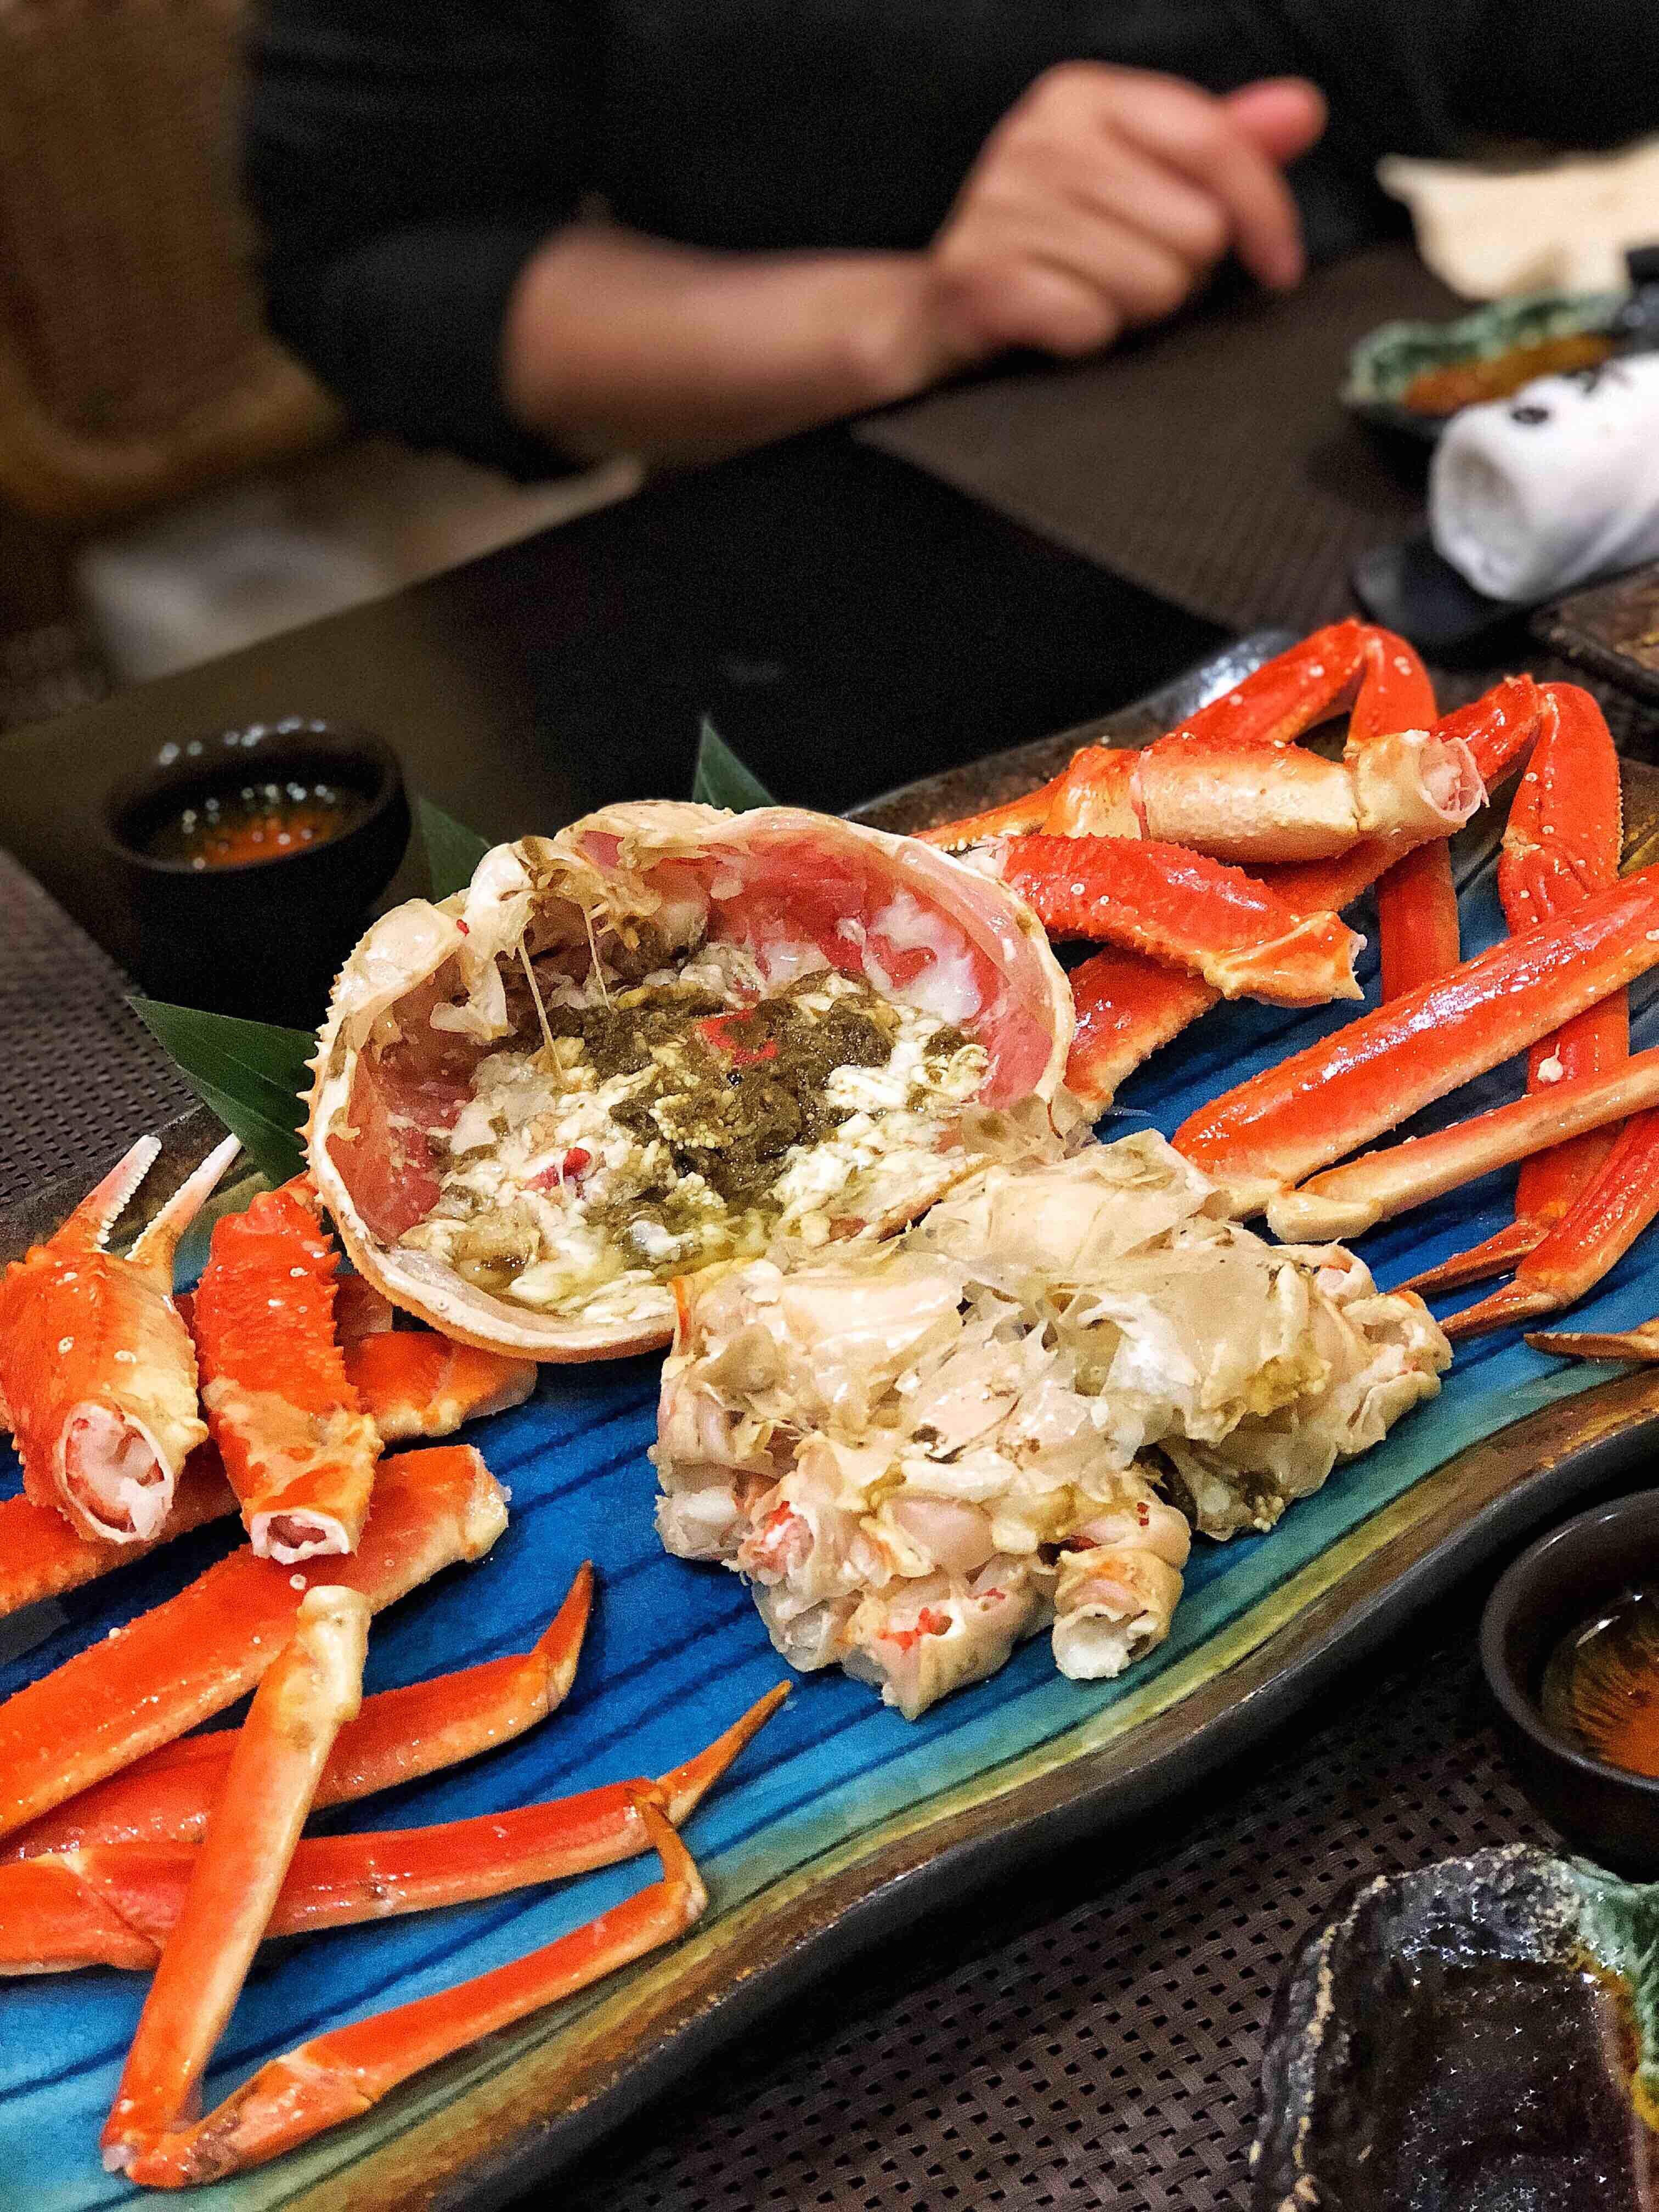 杭州高端精致日料 说不定能偶遇昊然弟弟哟——本格寿司🍣